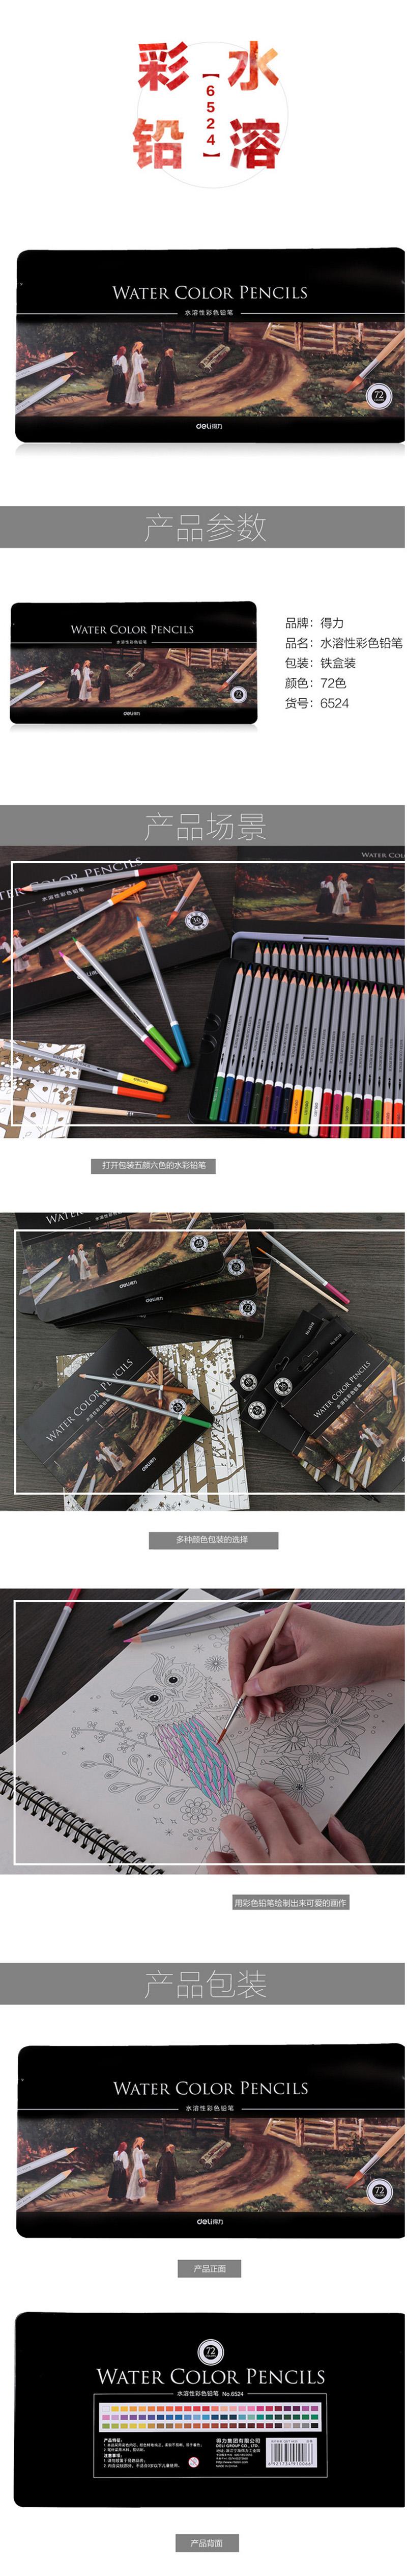 得力 72色水溶性彩色铅笔 水溶性彩铅套装 6524详情页1